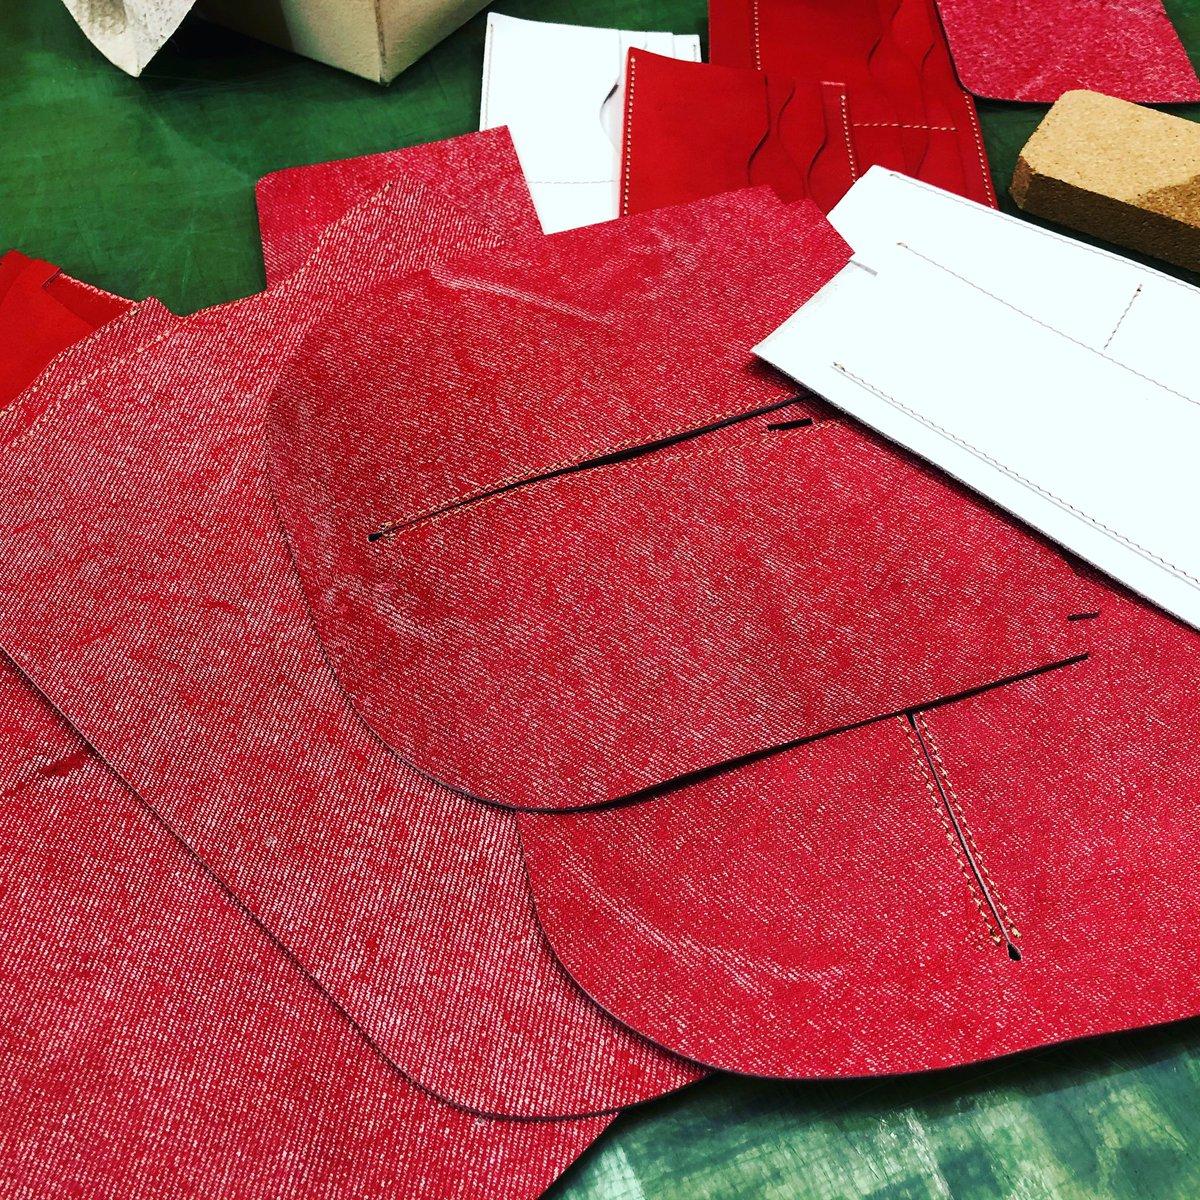 このところ大人気のギャルソン長財布^_^ デニムレザーで作成中^_^ #ギャルソン長財布 #長財布 #ギャルソン #デニム #赤い財布pic.twitter.com/Oalv8SV7A2